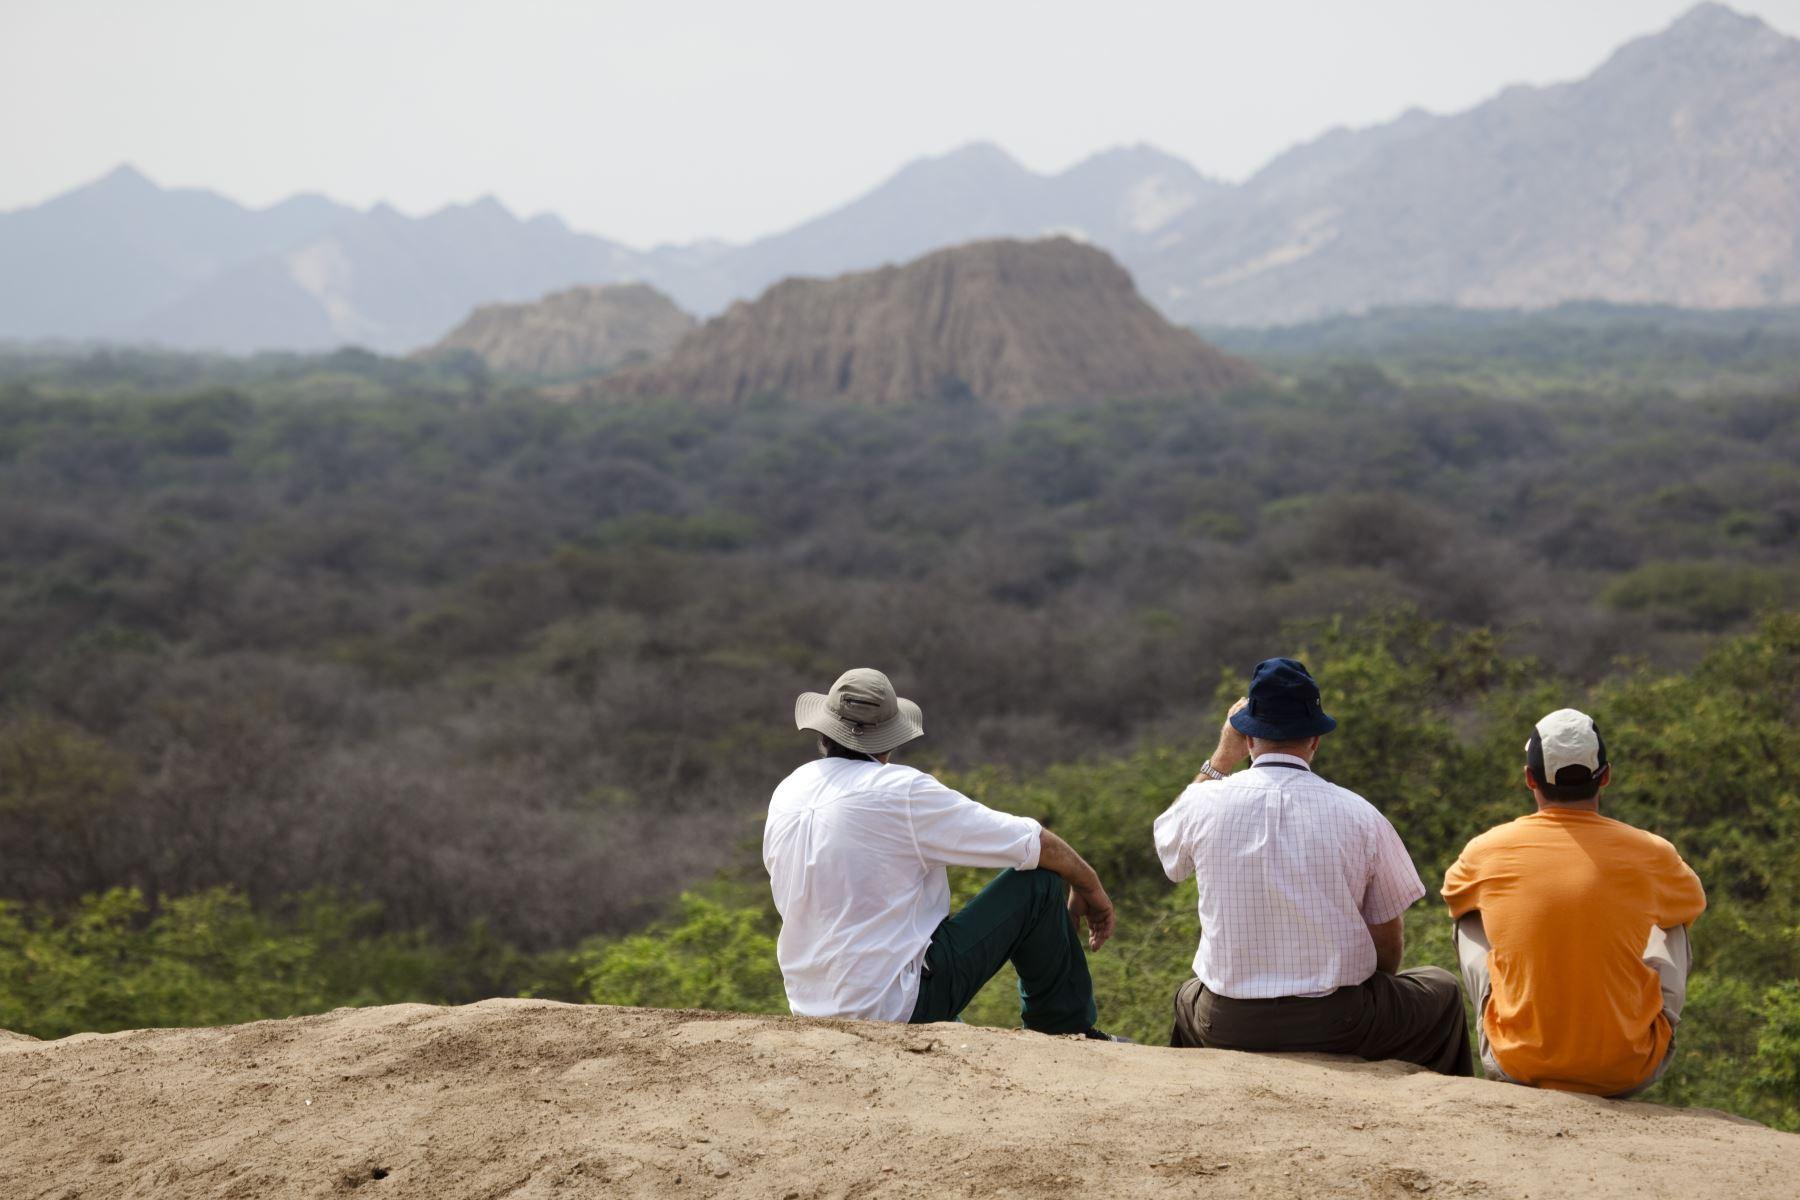 Santuario Histórico Bosque de Pómac forma parte del producto turístico: Bosques y Pirámides que oferta Lambayeque. ANDINA/Difusión